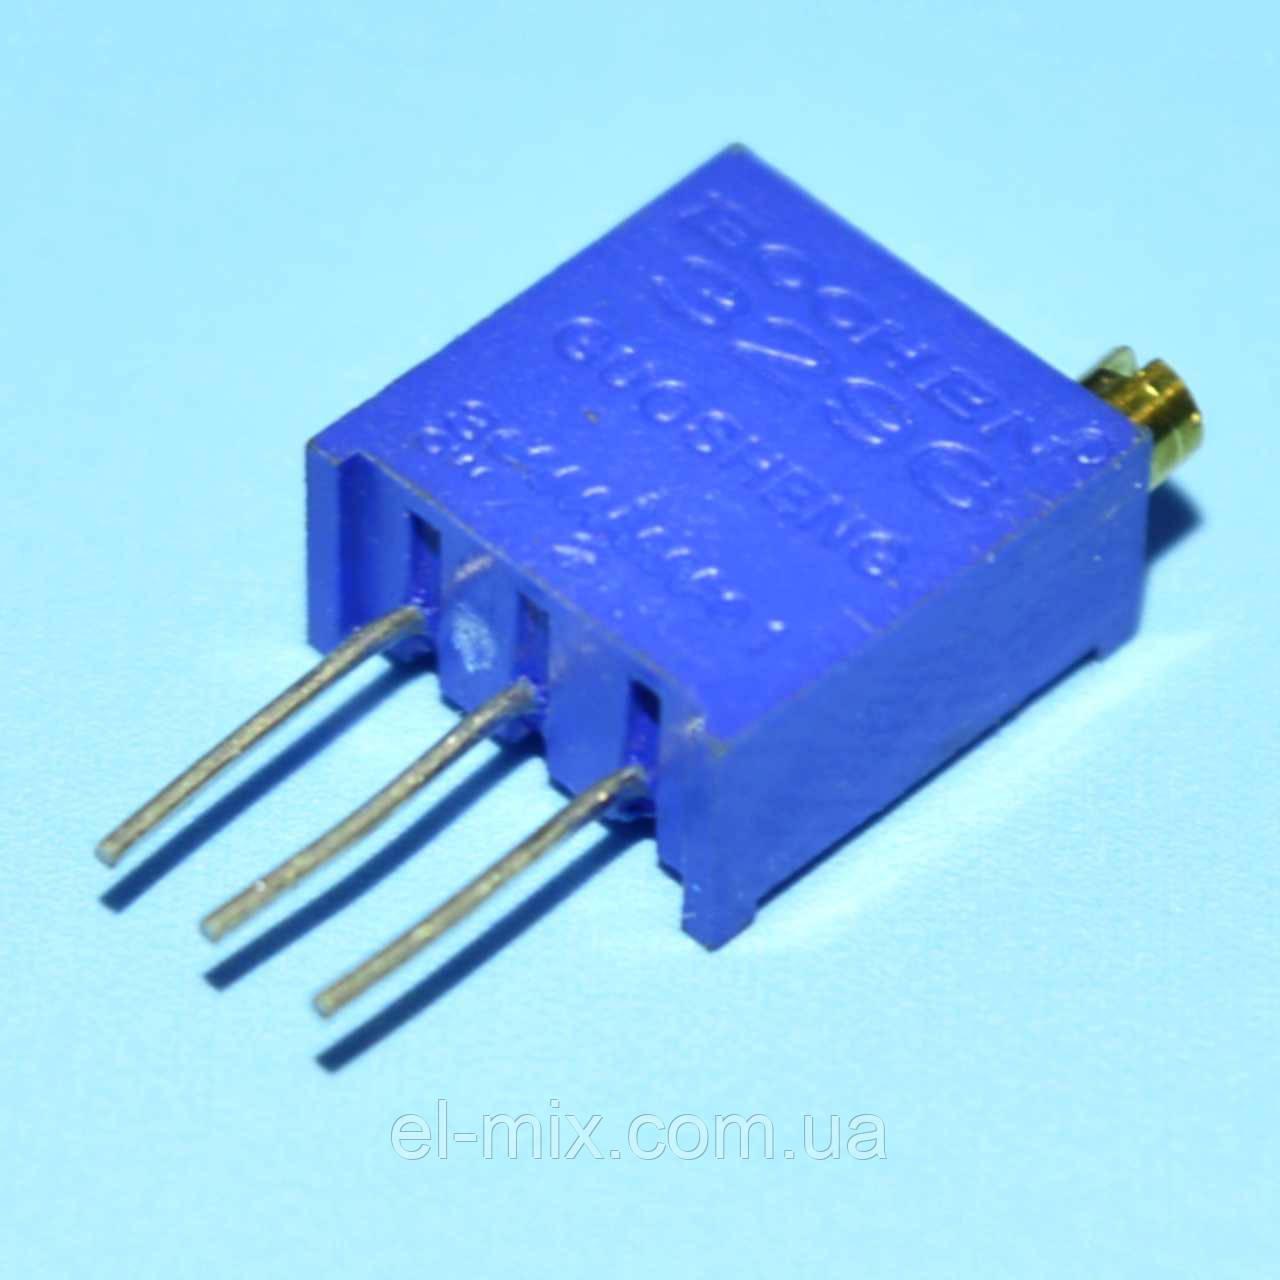 Підлаштування Резистор багатооборотний 3296W 20KOm Bochen